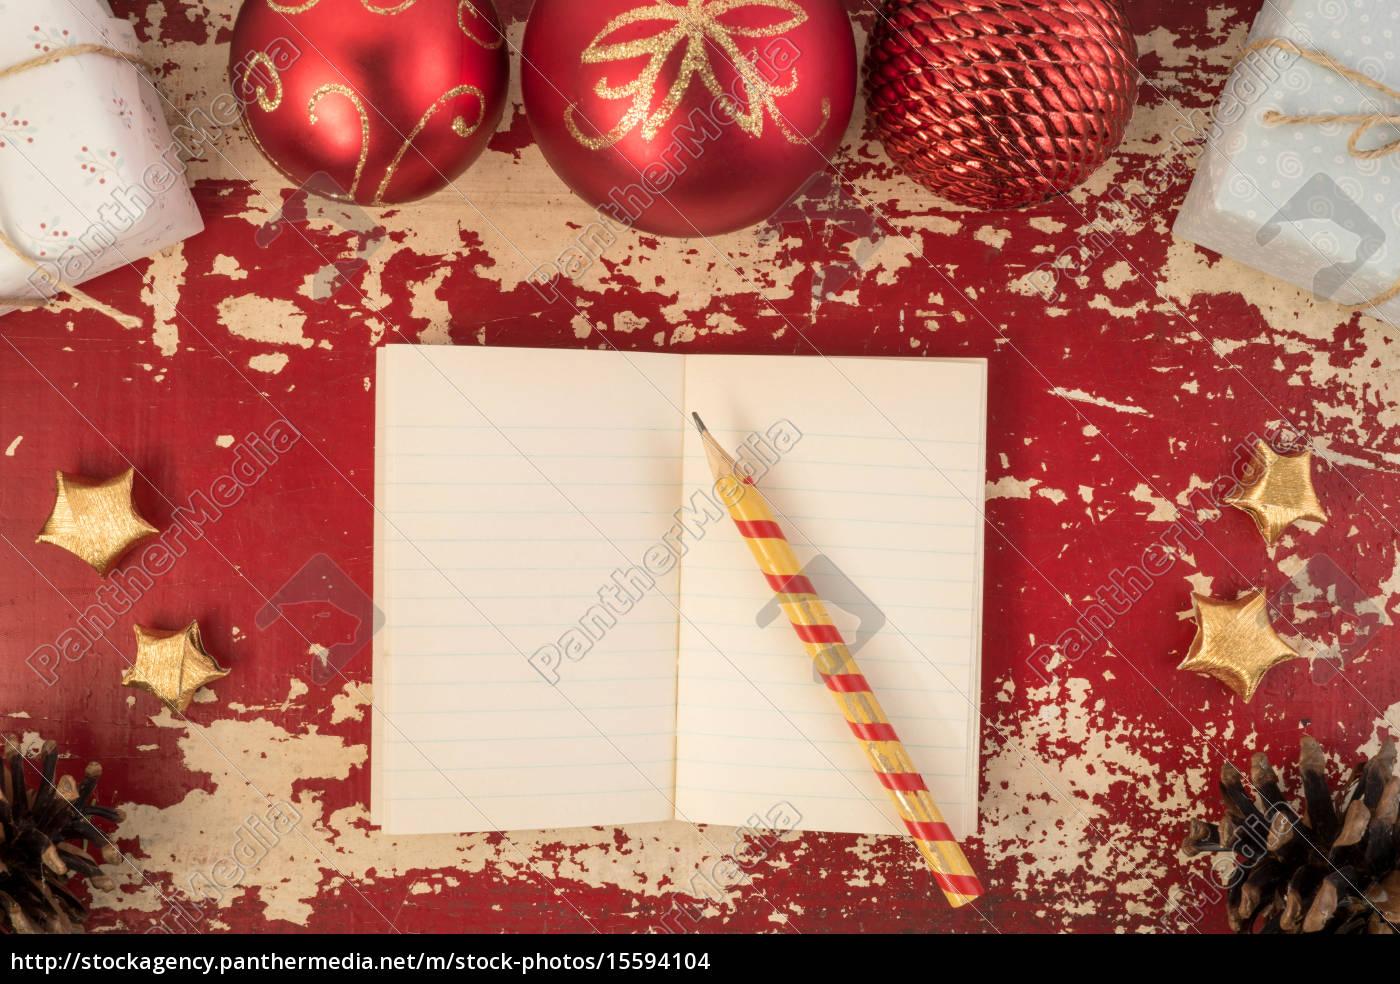 Lizenzfreies Foto 15594104 - Weihnachtskarte Hintergrund Notebook Vorlage für Weihnachtskarte Vorlage